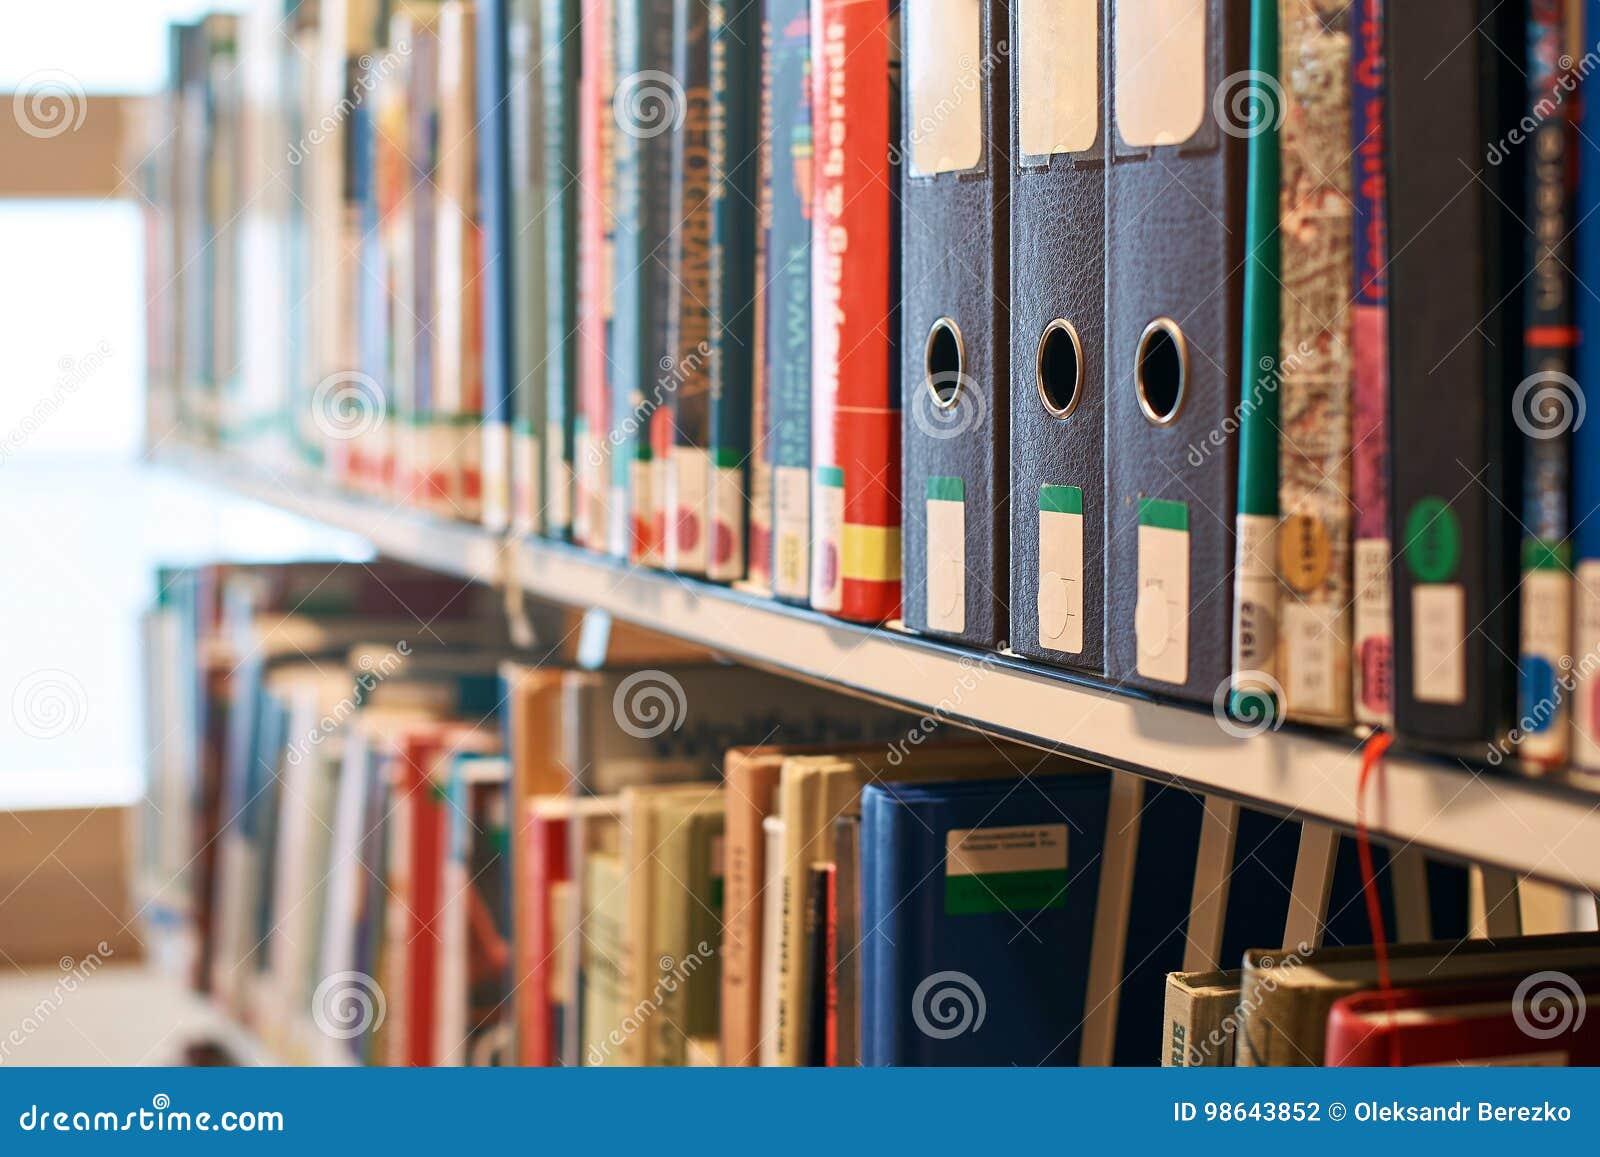 Vakje dossieromslagen op een boekenrek in een bibliotheek